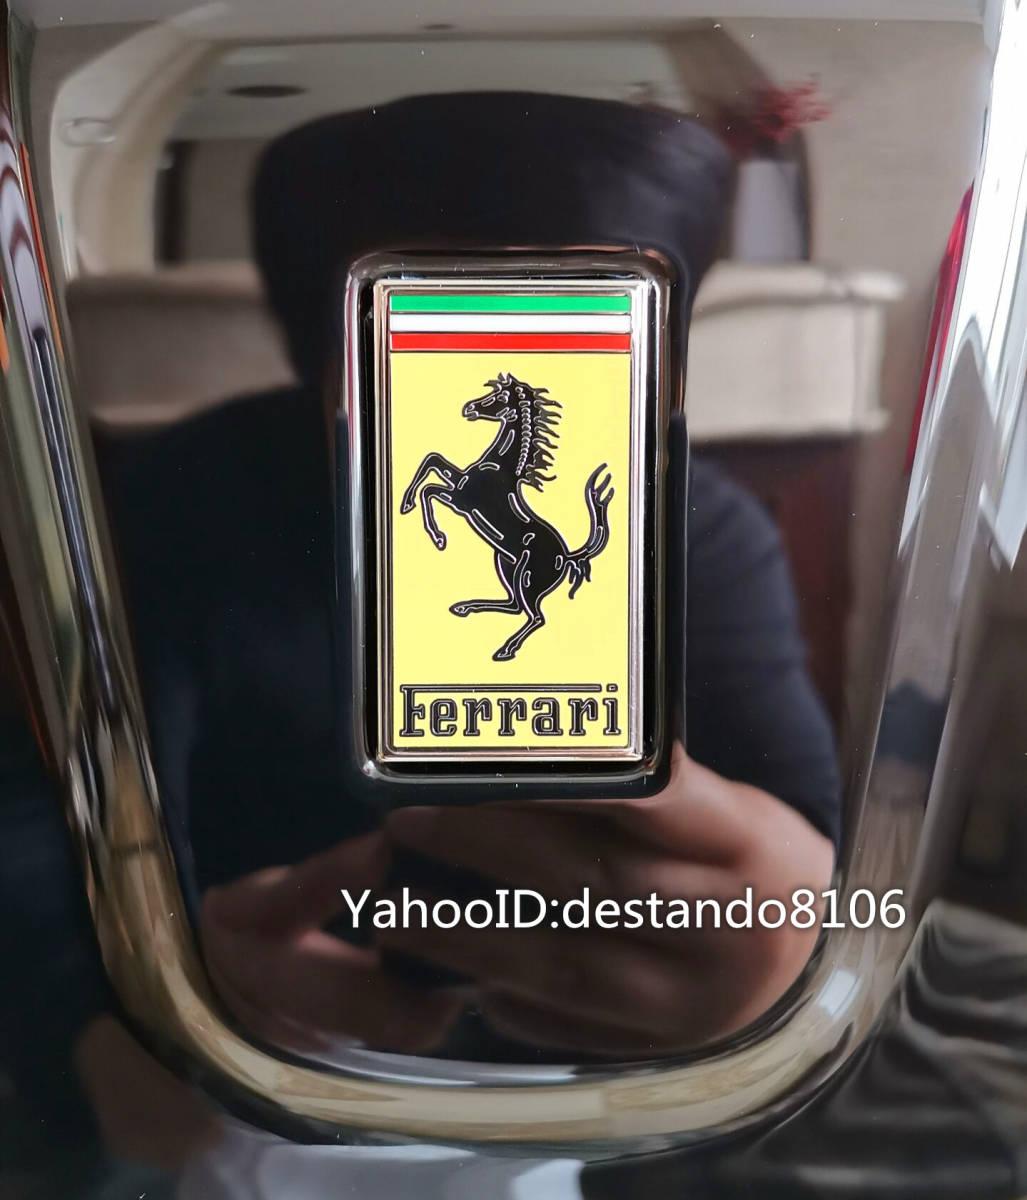 最高峰※貴重品・定価32万※Ferrari/フェラーリ※公式・スーツケース/キャリーケース・フェラーリF1チーム用装備・Lサイズ/70L_画像6